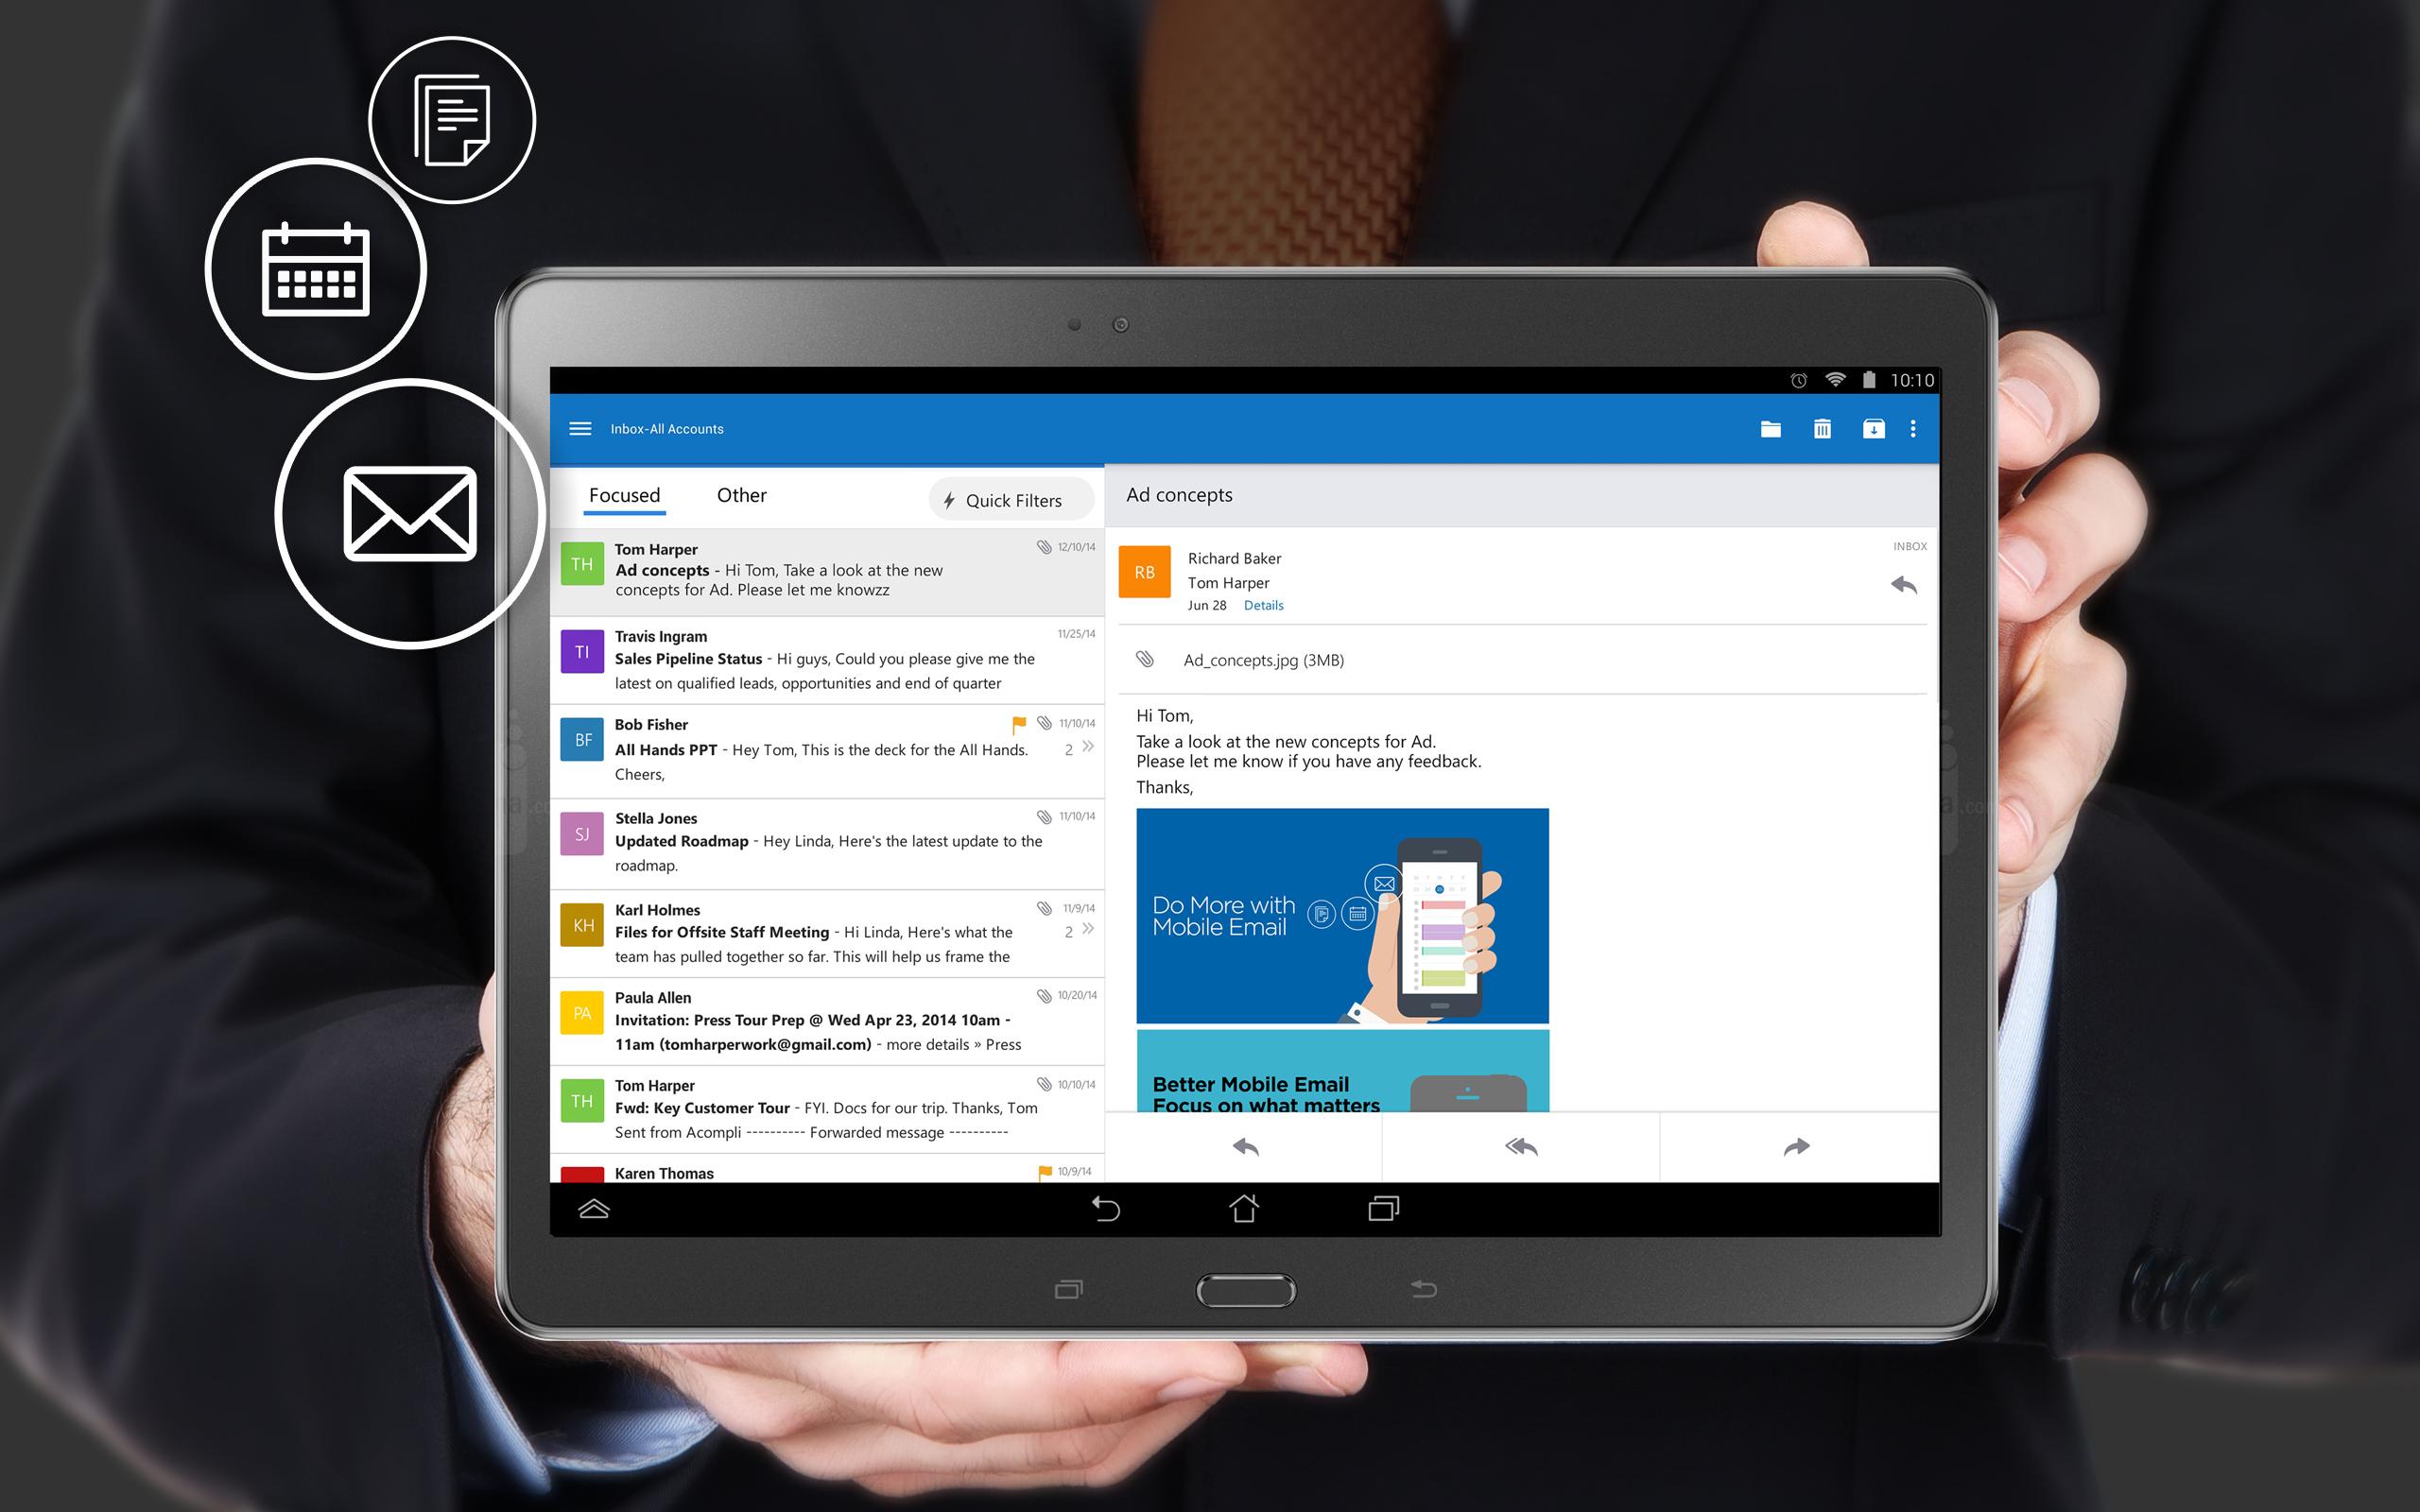 Microsoft dejará de dar soporte al viejo Outlook para Android el 31 de julio 1